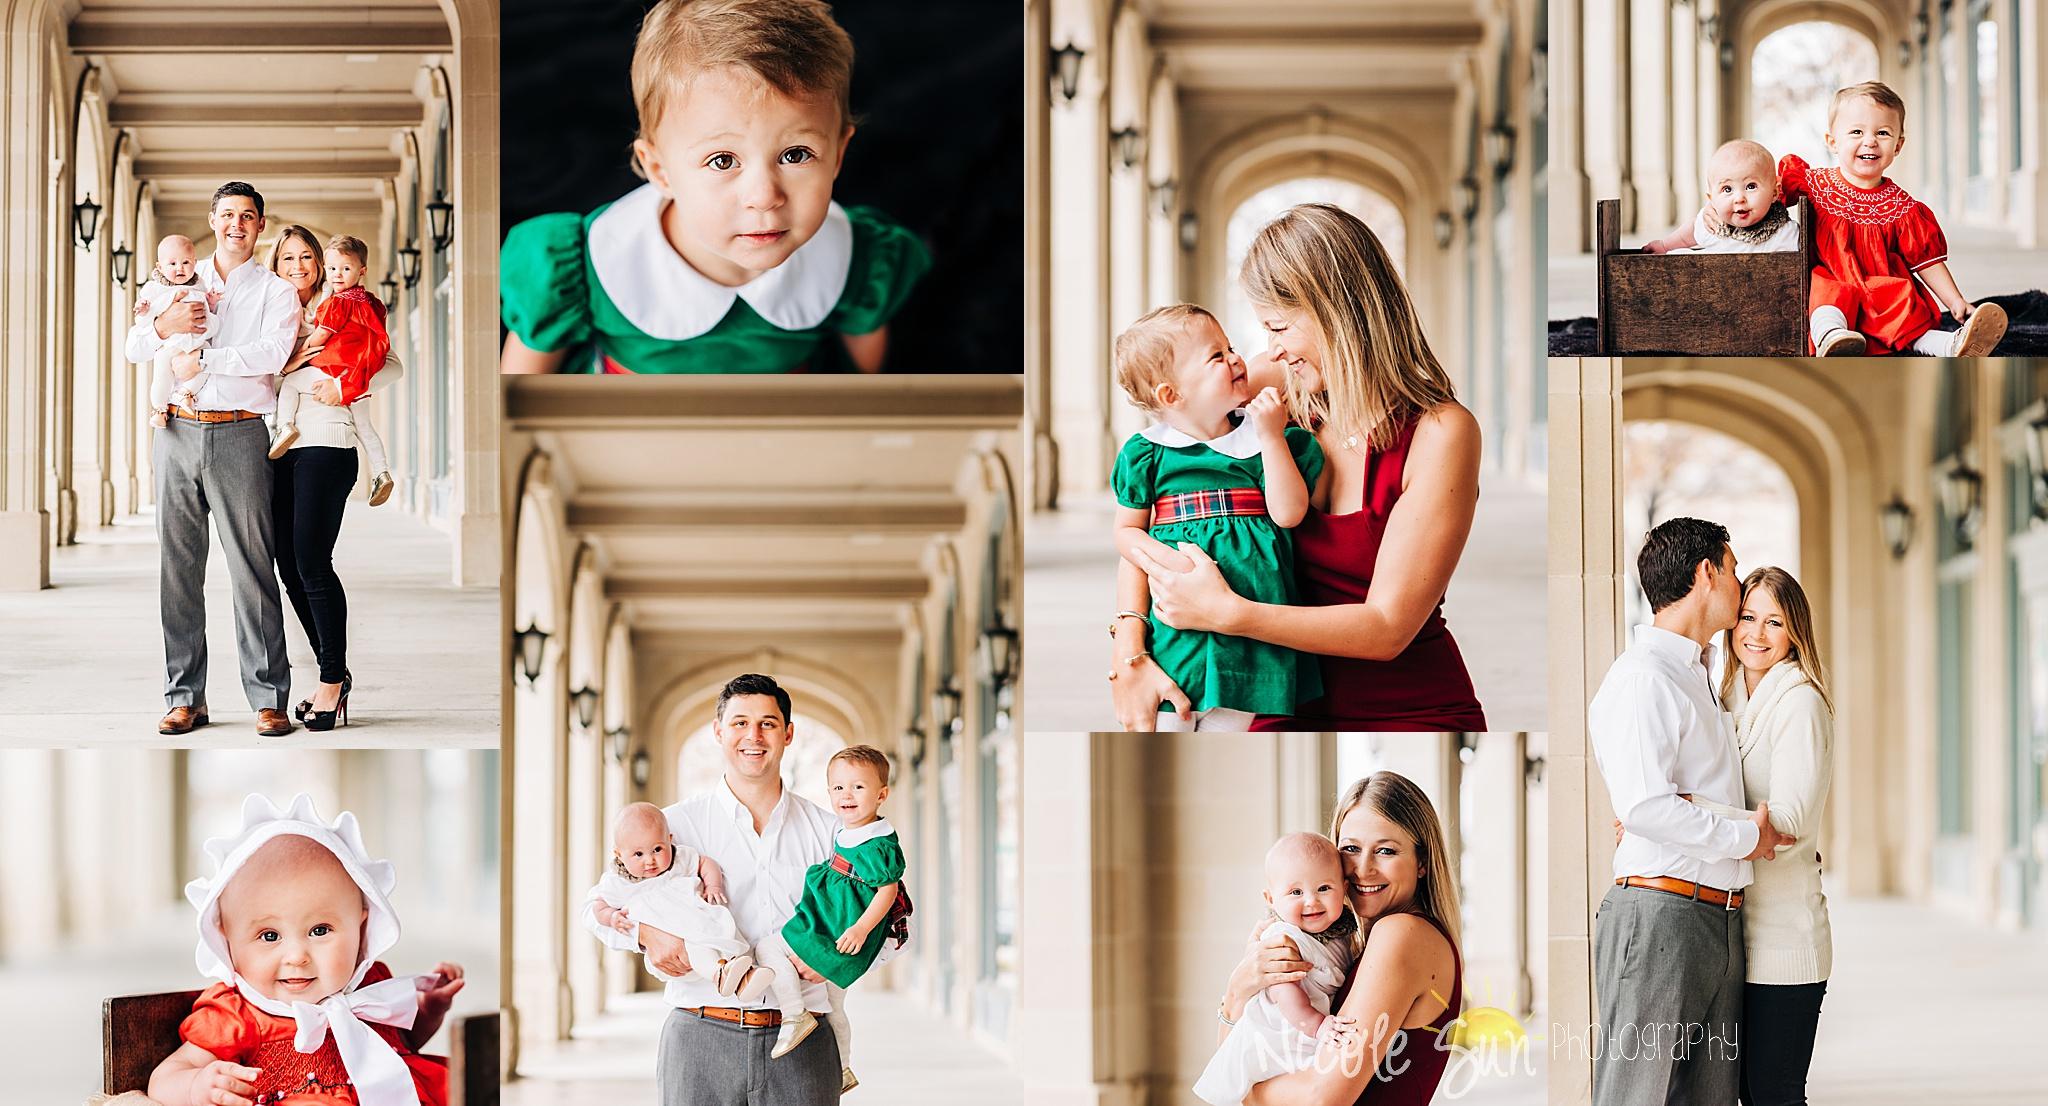 dallasfamilyphotographer.jpg